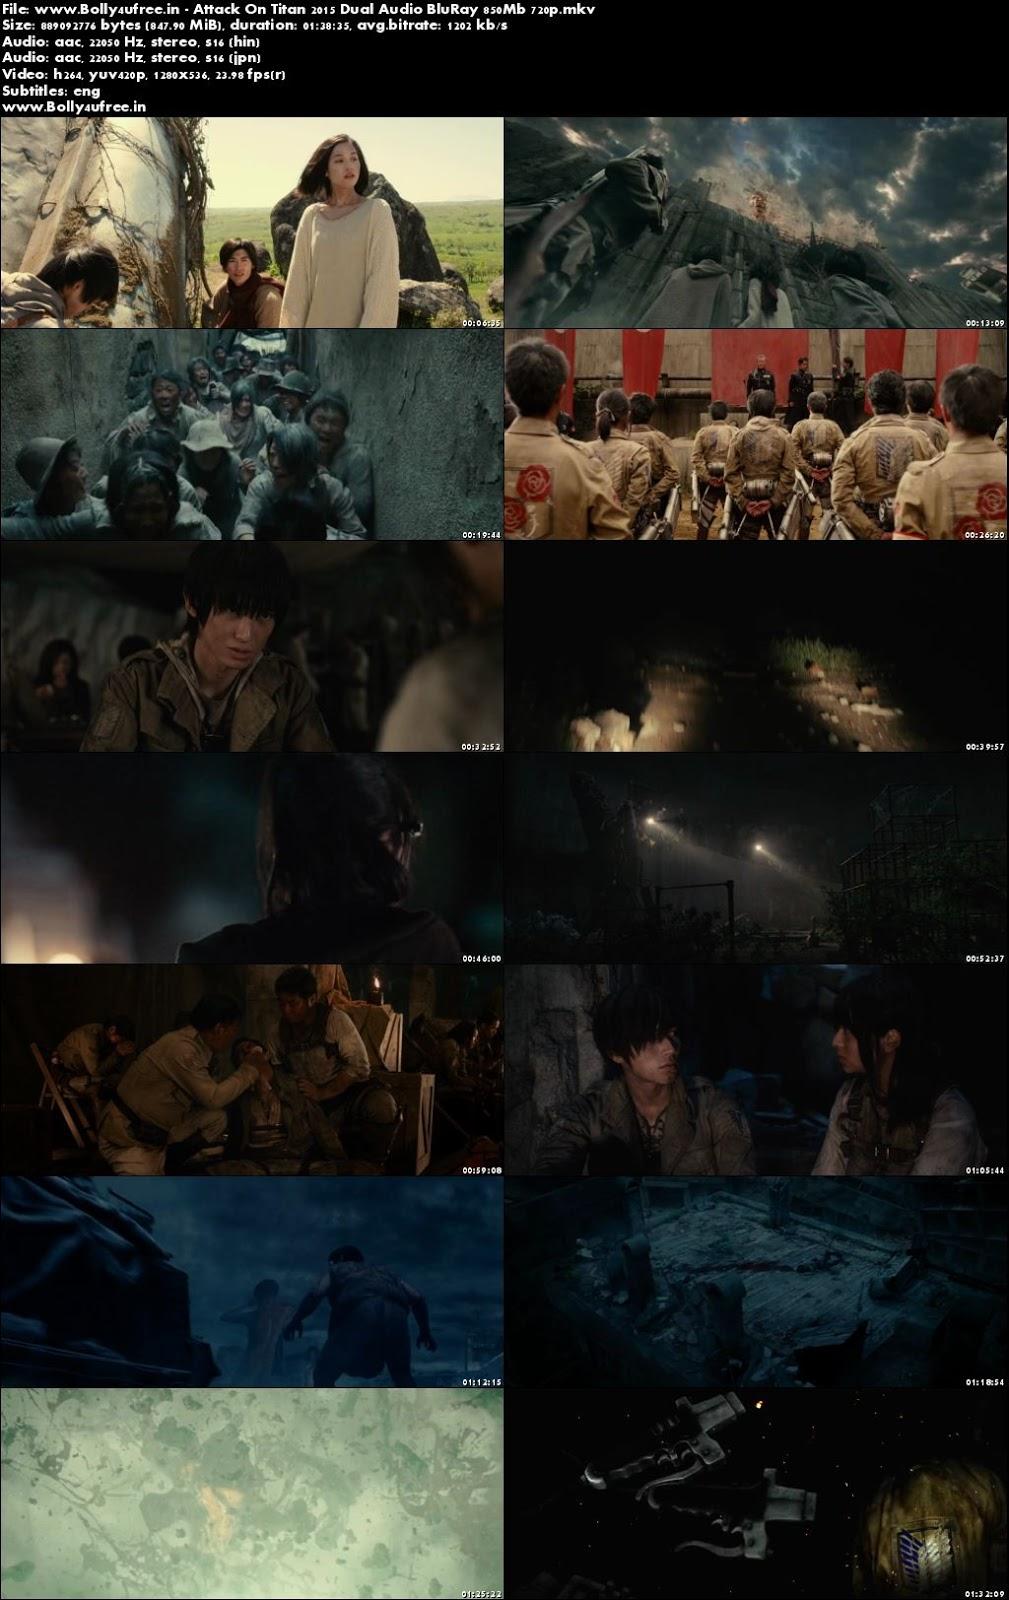 Attack On Titan 2015 Hindi Dual Audio BluRay 850Mb 720p